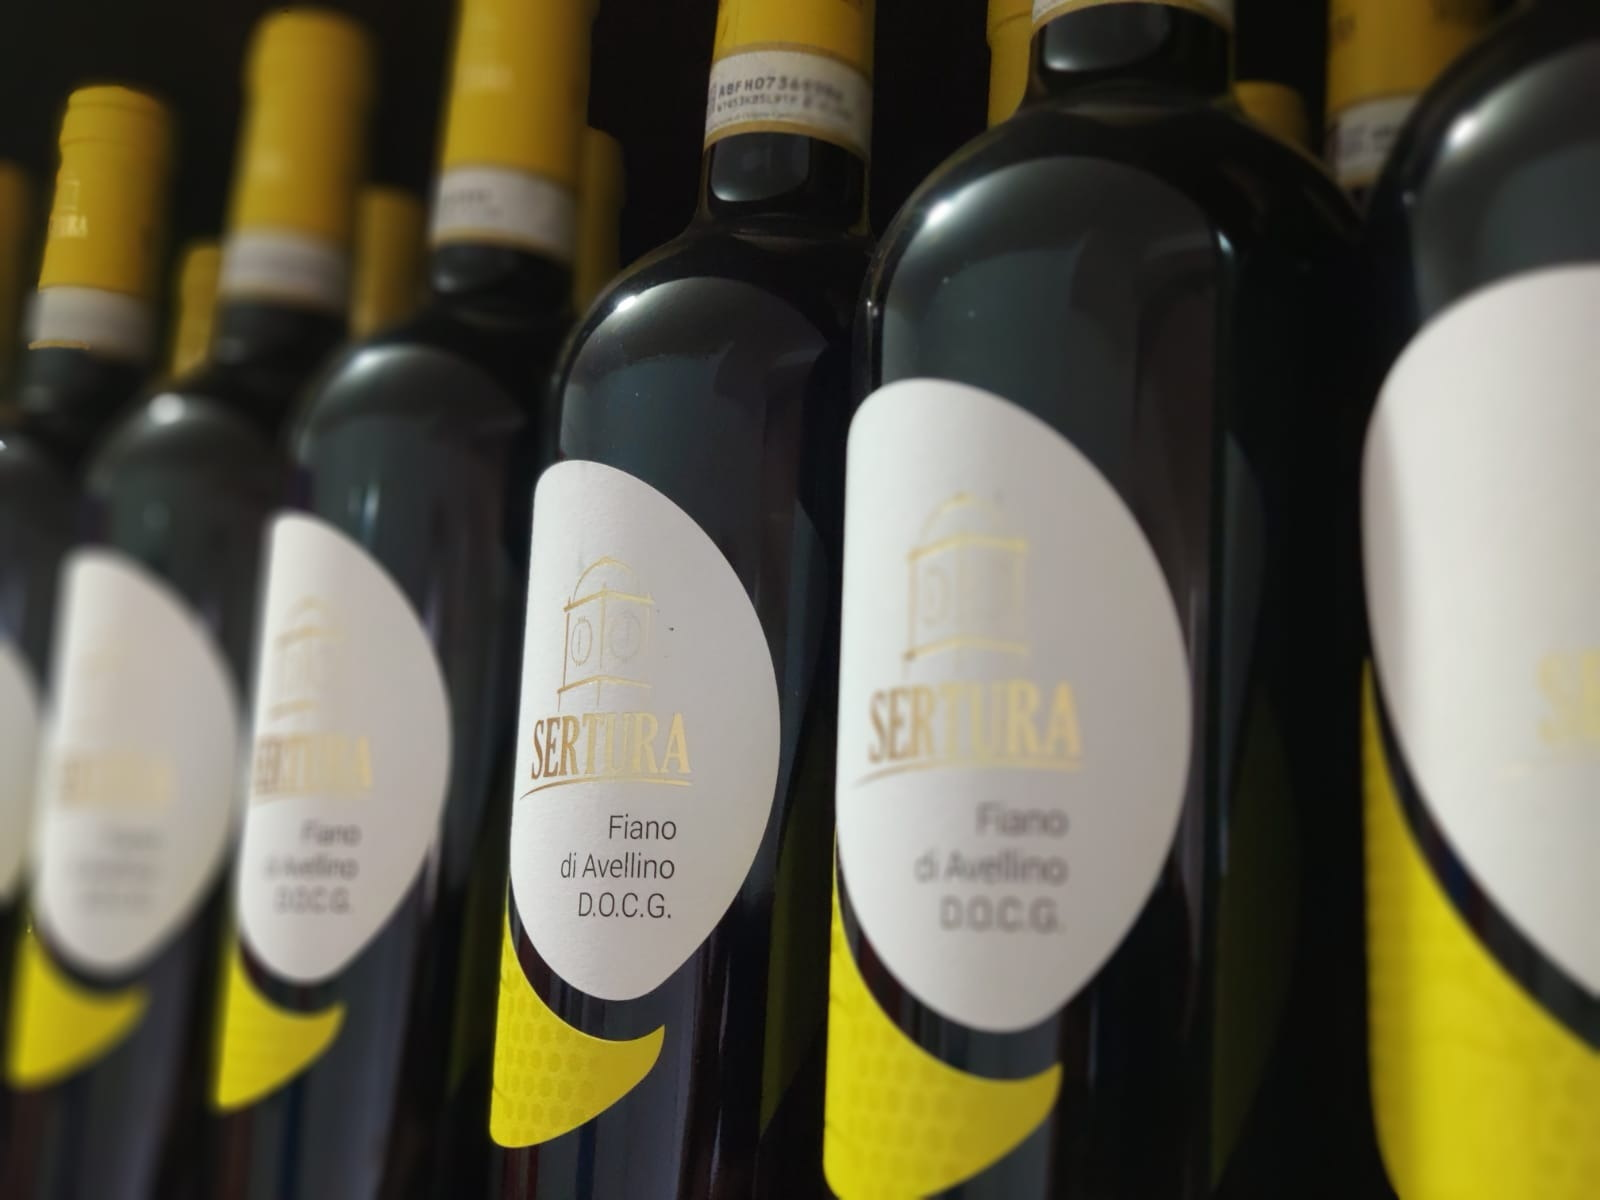 Bottiglie di Fiano di Avellino